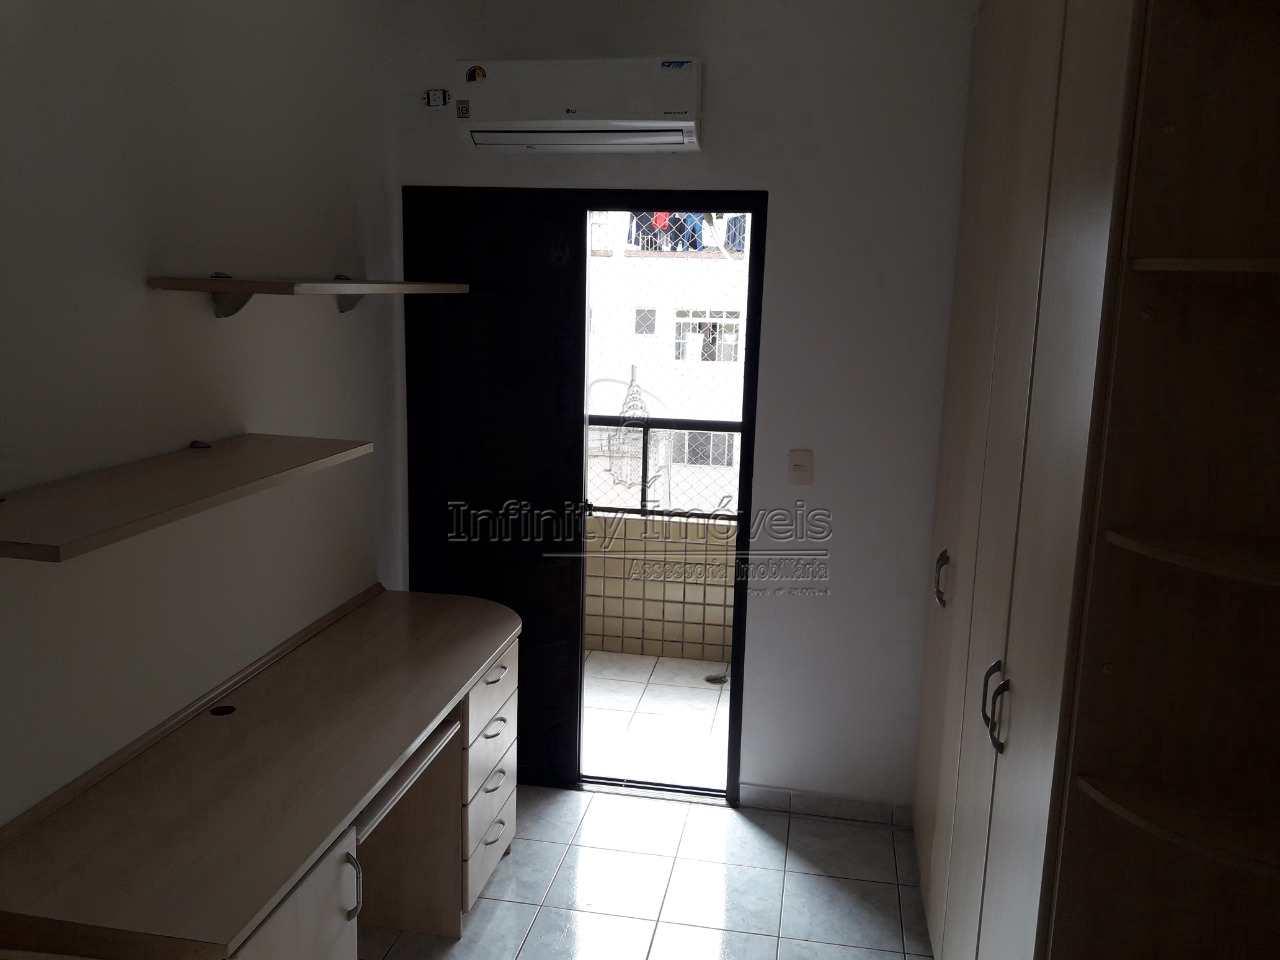 Venda, Apartamento, 03 dormitórios, 100,26m2, em Santos